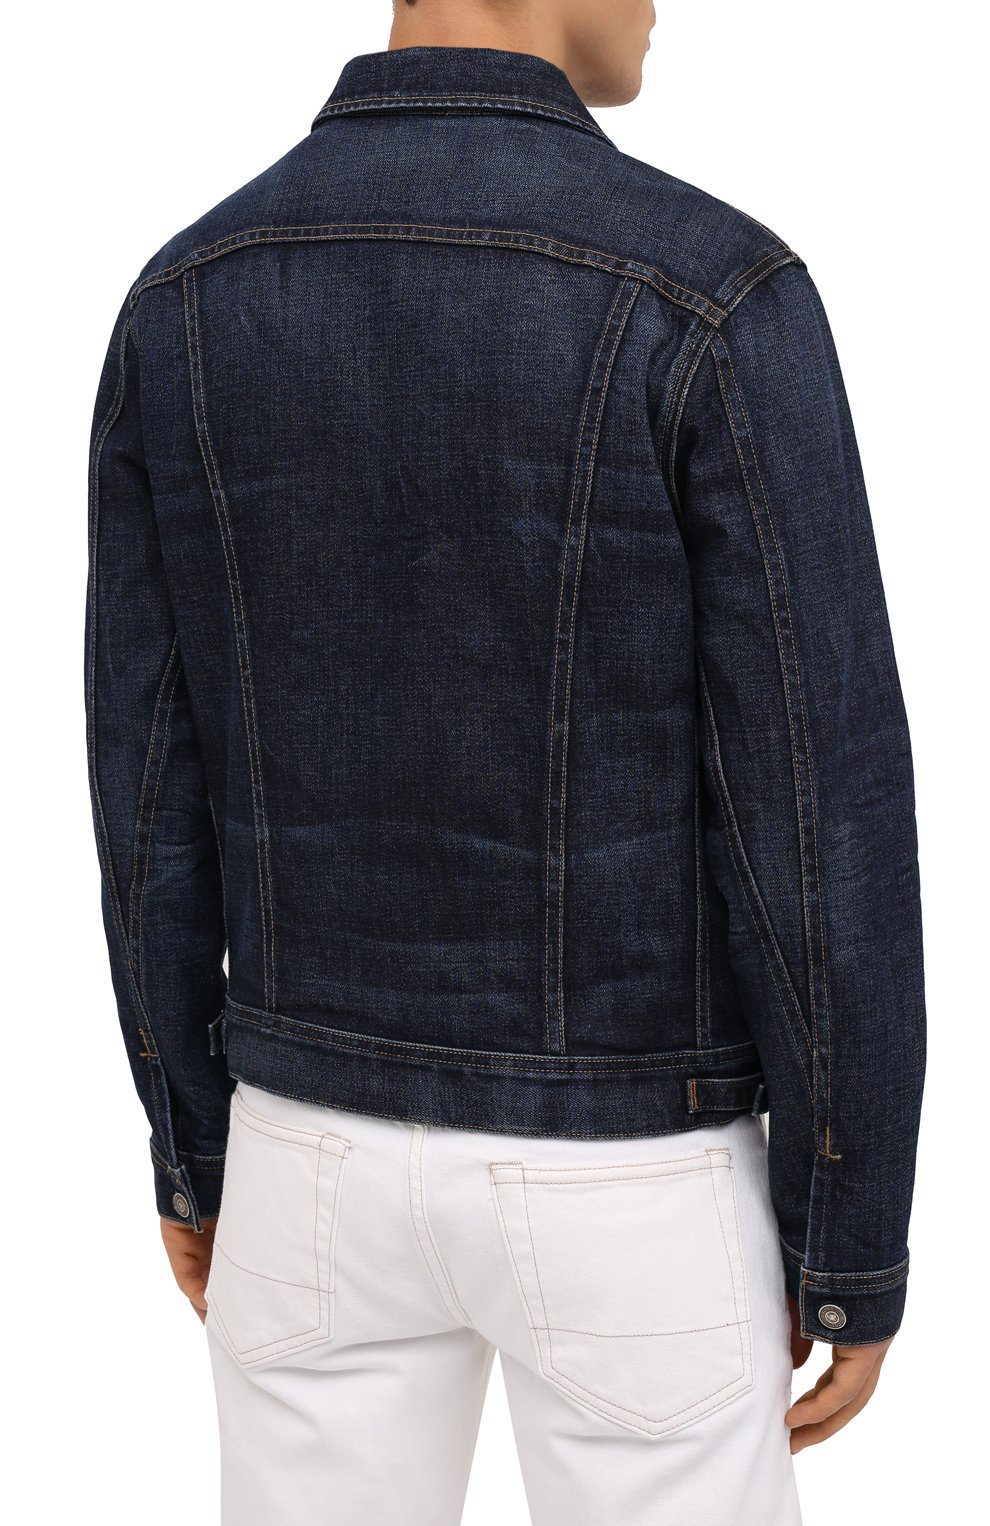 Мужская джинсовая куртка TOM FORD темно-синего цвета, арт. BVJ31/TFD111 | Фото 5 (Кросс-КТ: Куртка; Рукава: Длинные; Материал внешний: Хлопок; Мужское Кросс-КТ: Куртка-верхняя одежда, Верхняя одежда; Длина (верхняя одежда): Короткие; Стили: Кэжуэл)